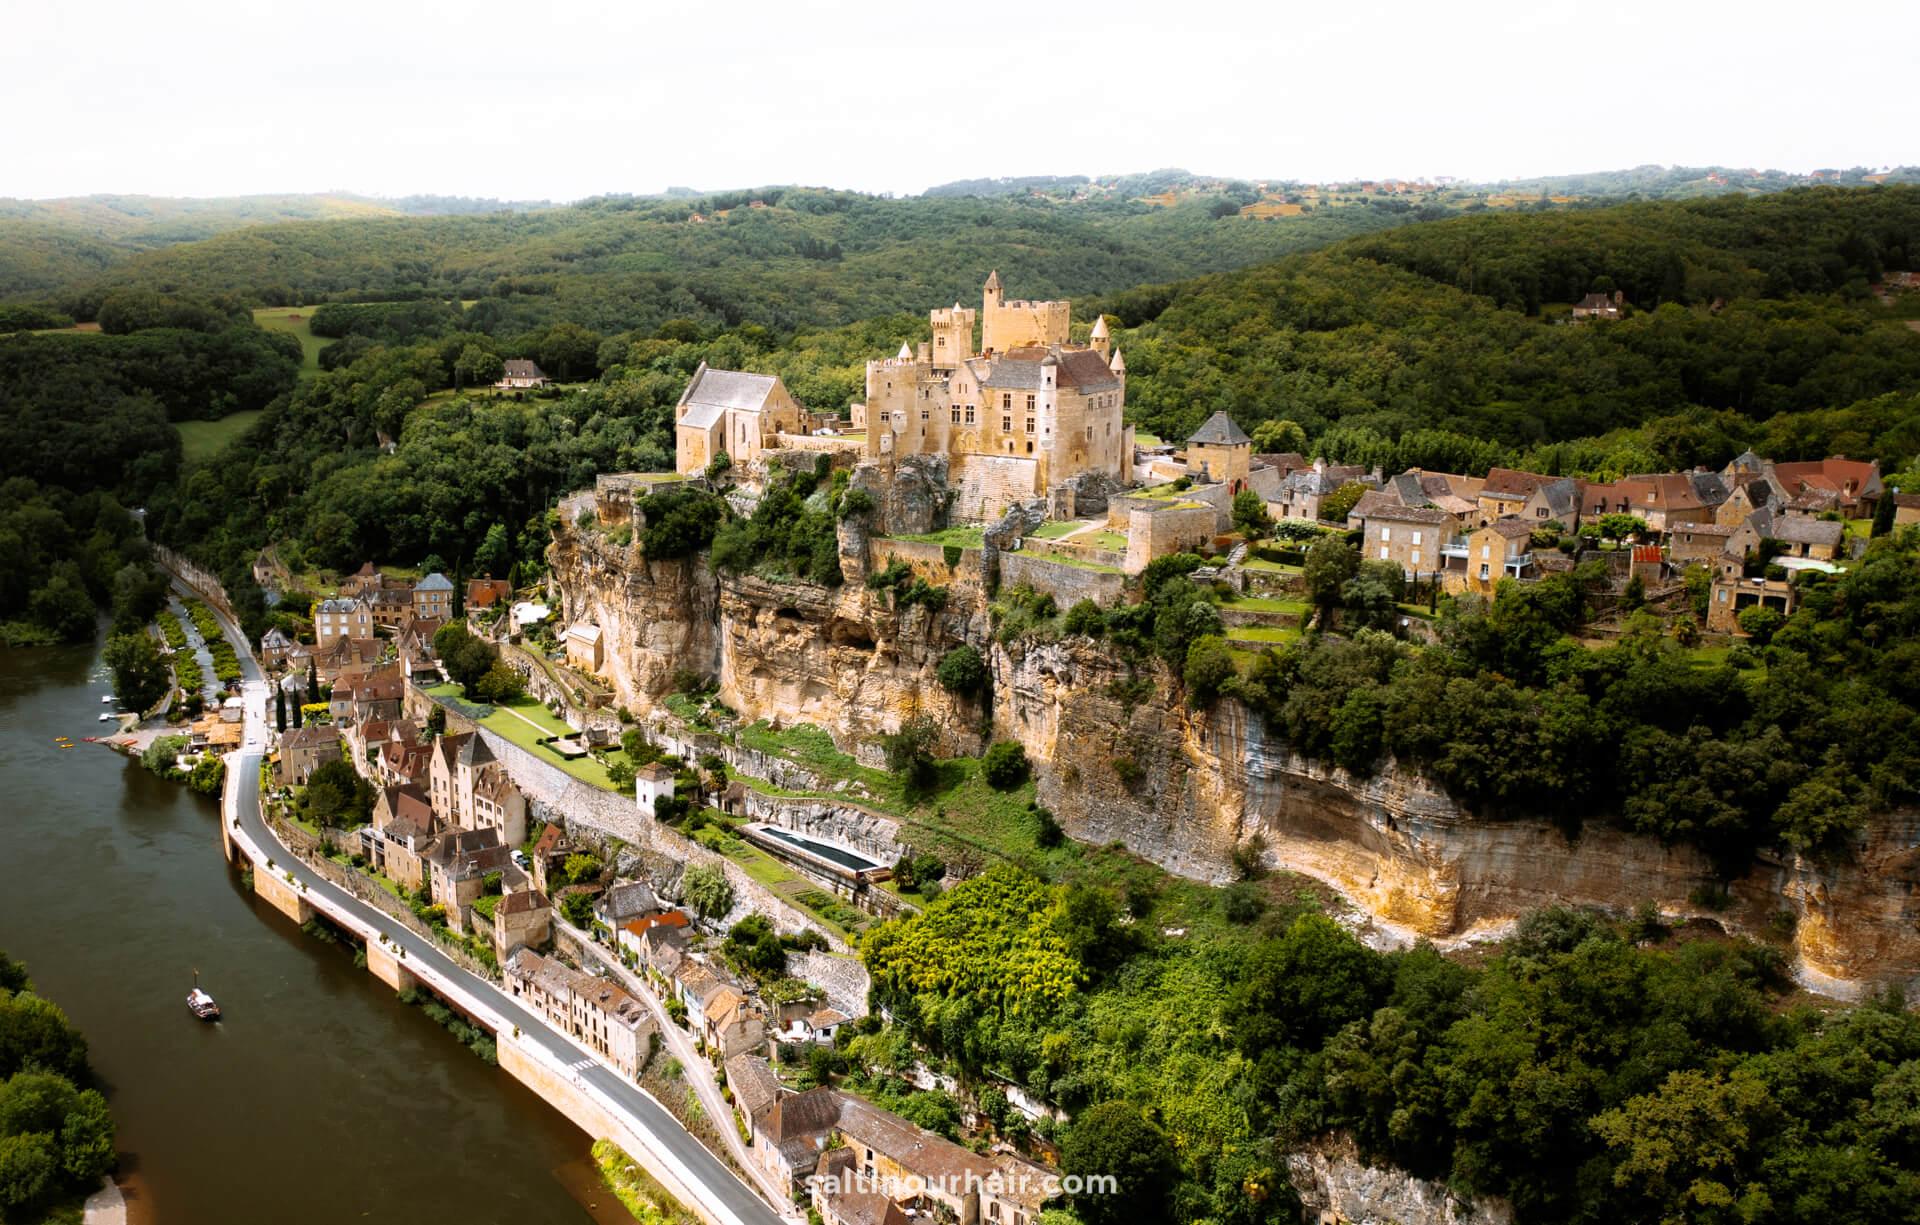 dordogne valley Chateau de Beynac